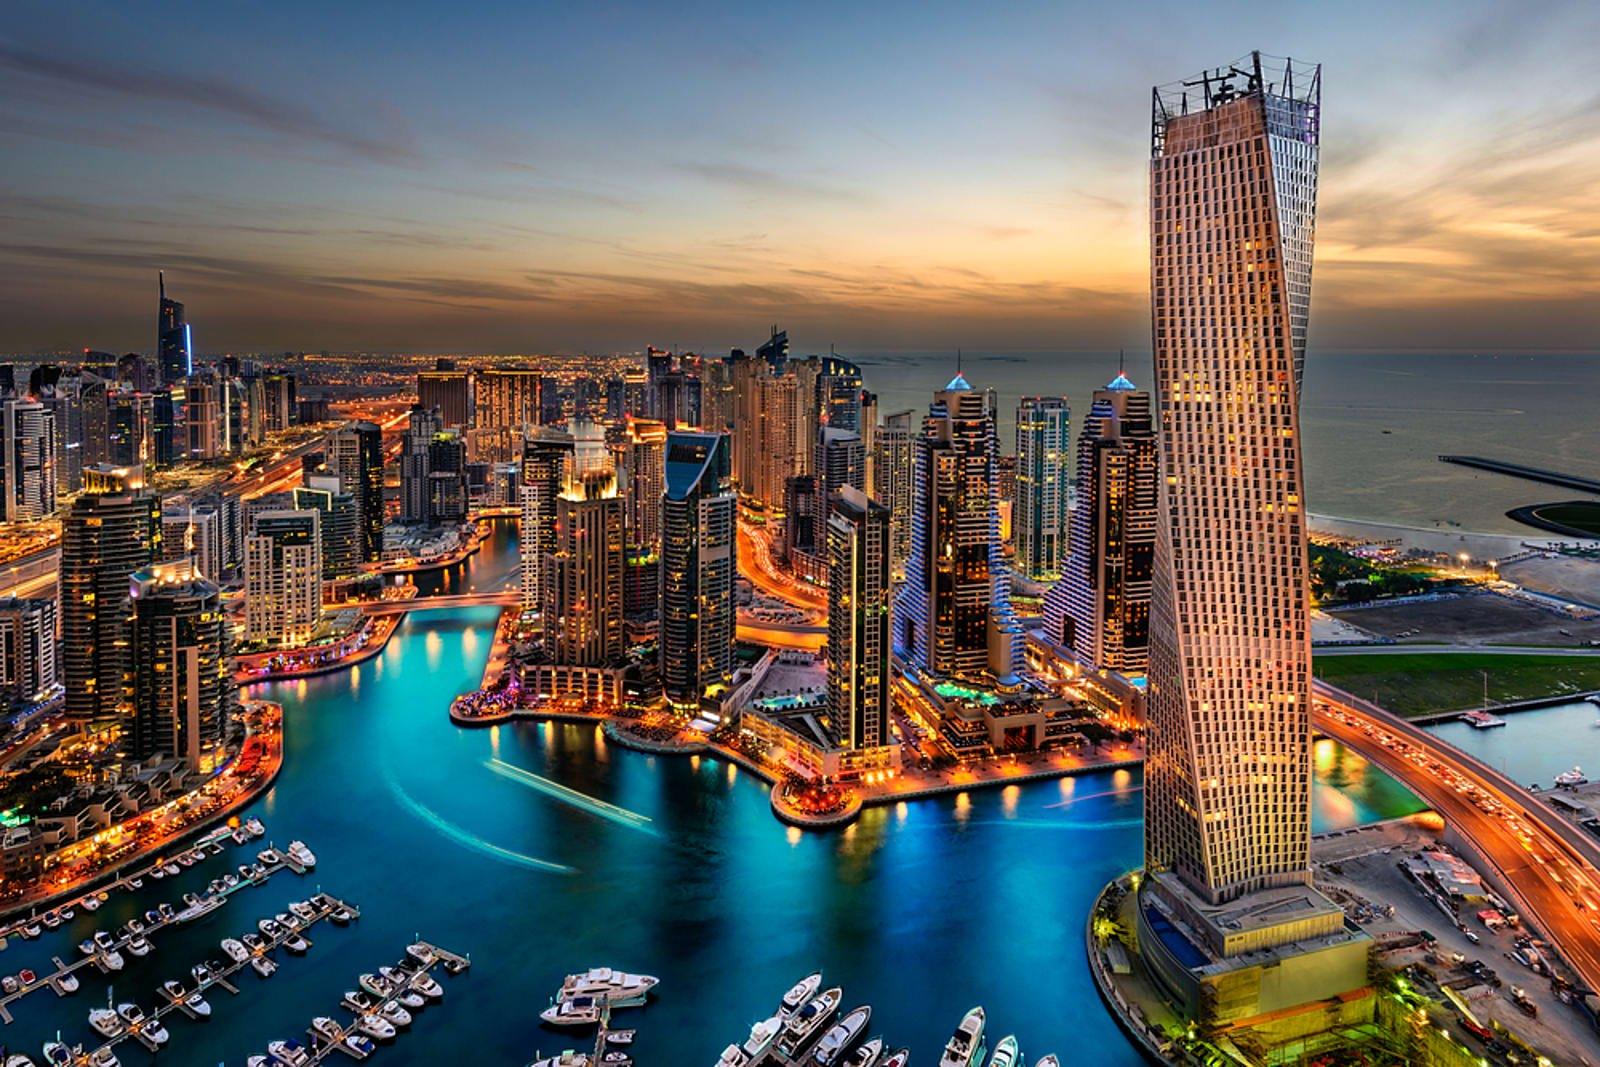 بالفيديو  ..  السياحة في دبي وأبرز المعالم السياحة التي تستحق زيارتك